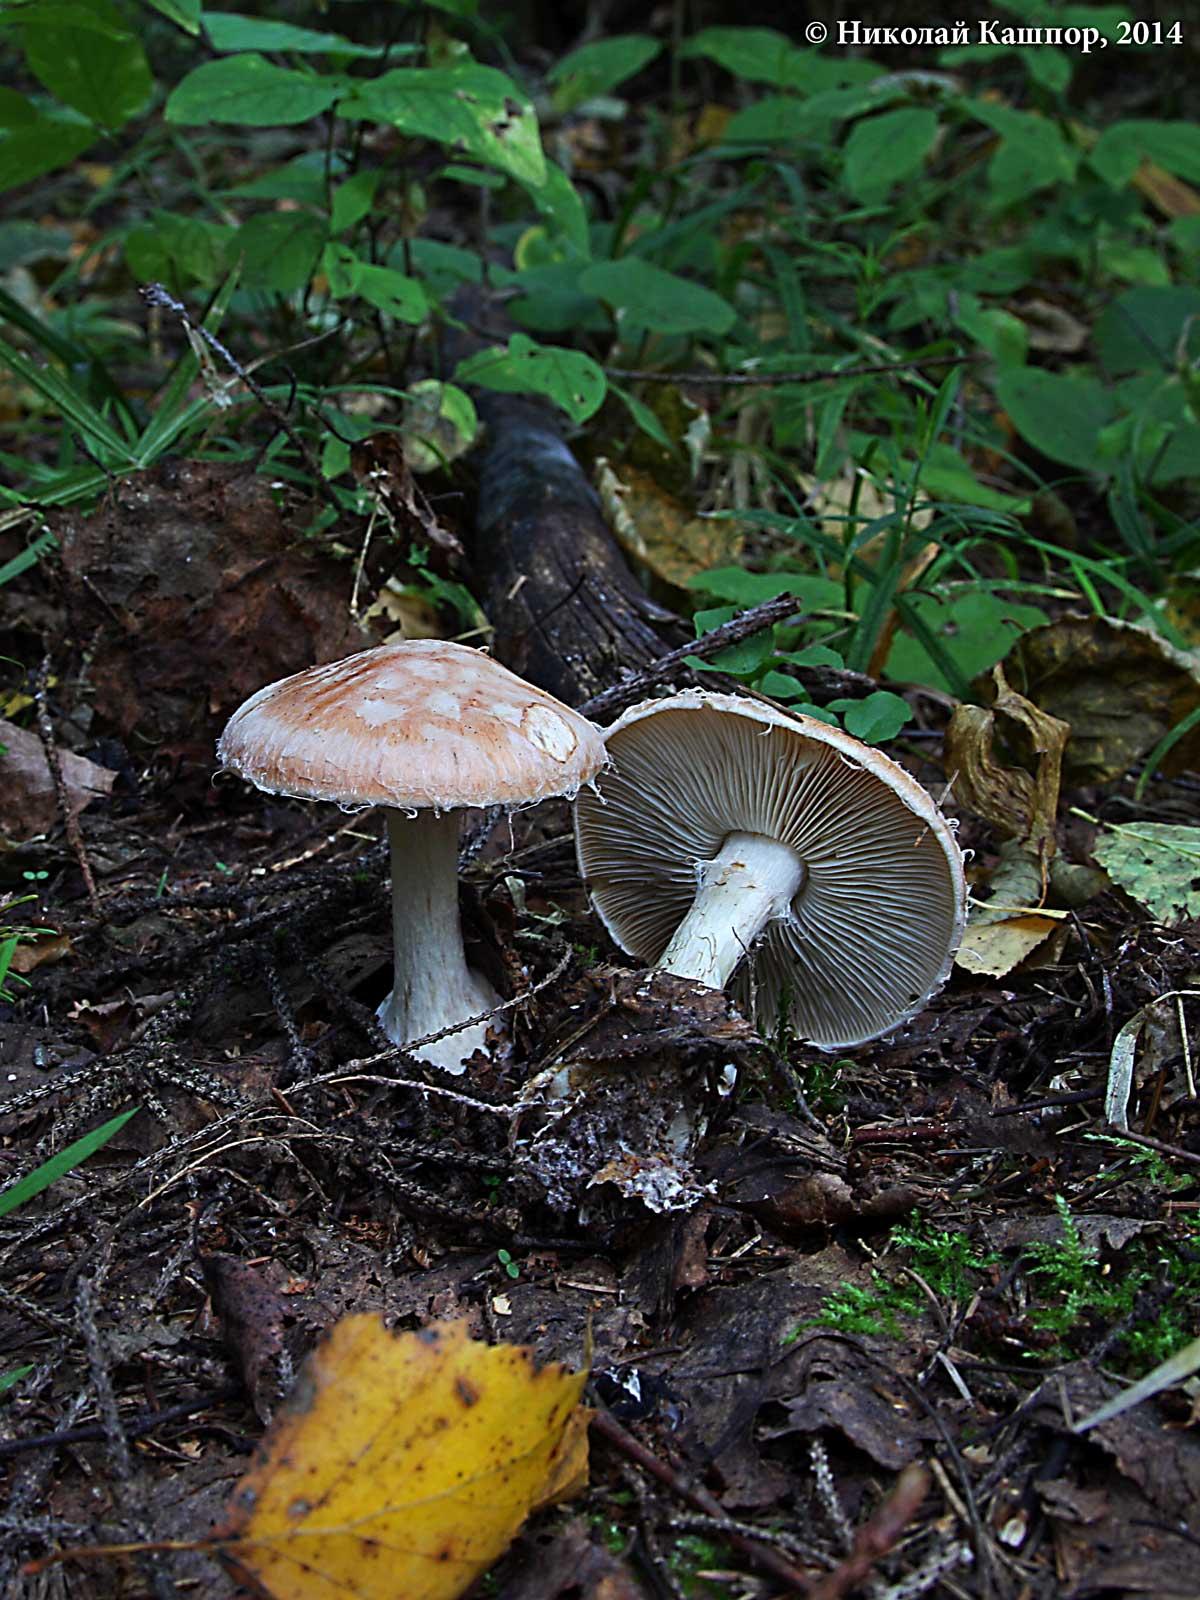 Белопаутинник луковичный (Leucocortinarius bulbiger). Автор фото:Кашпор Николай